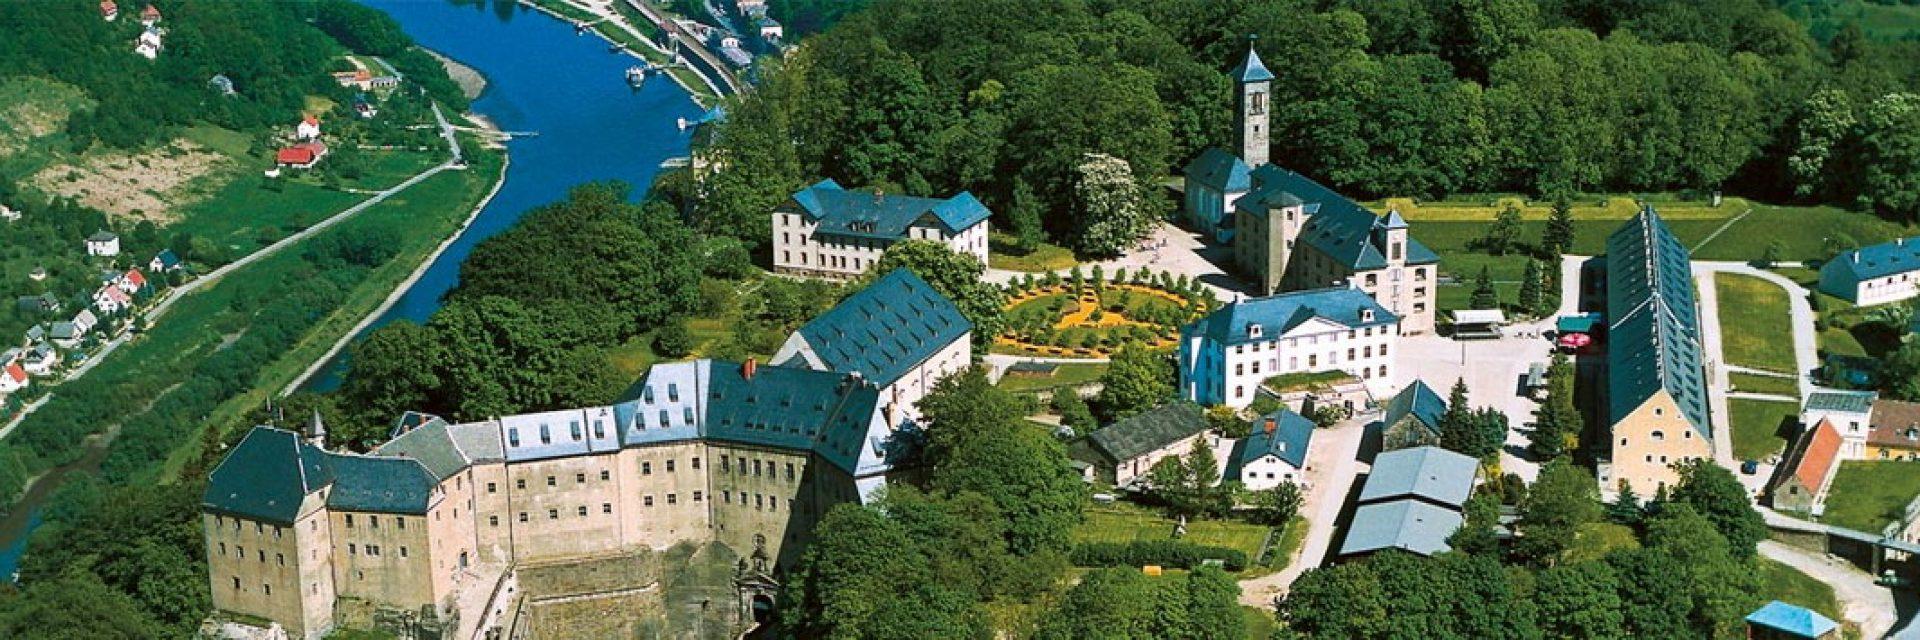 Luftaufnahme Festung Königstein